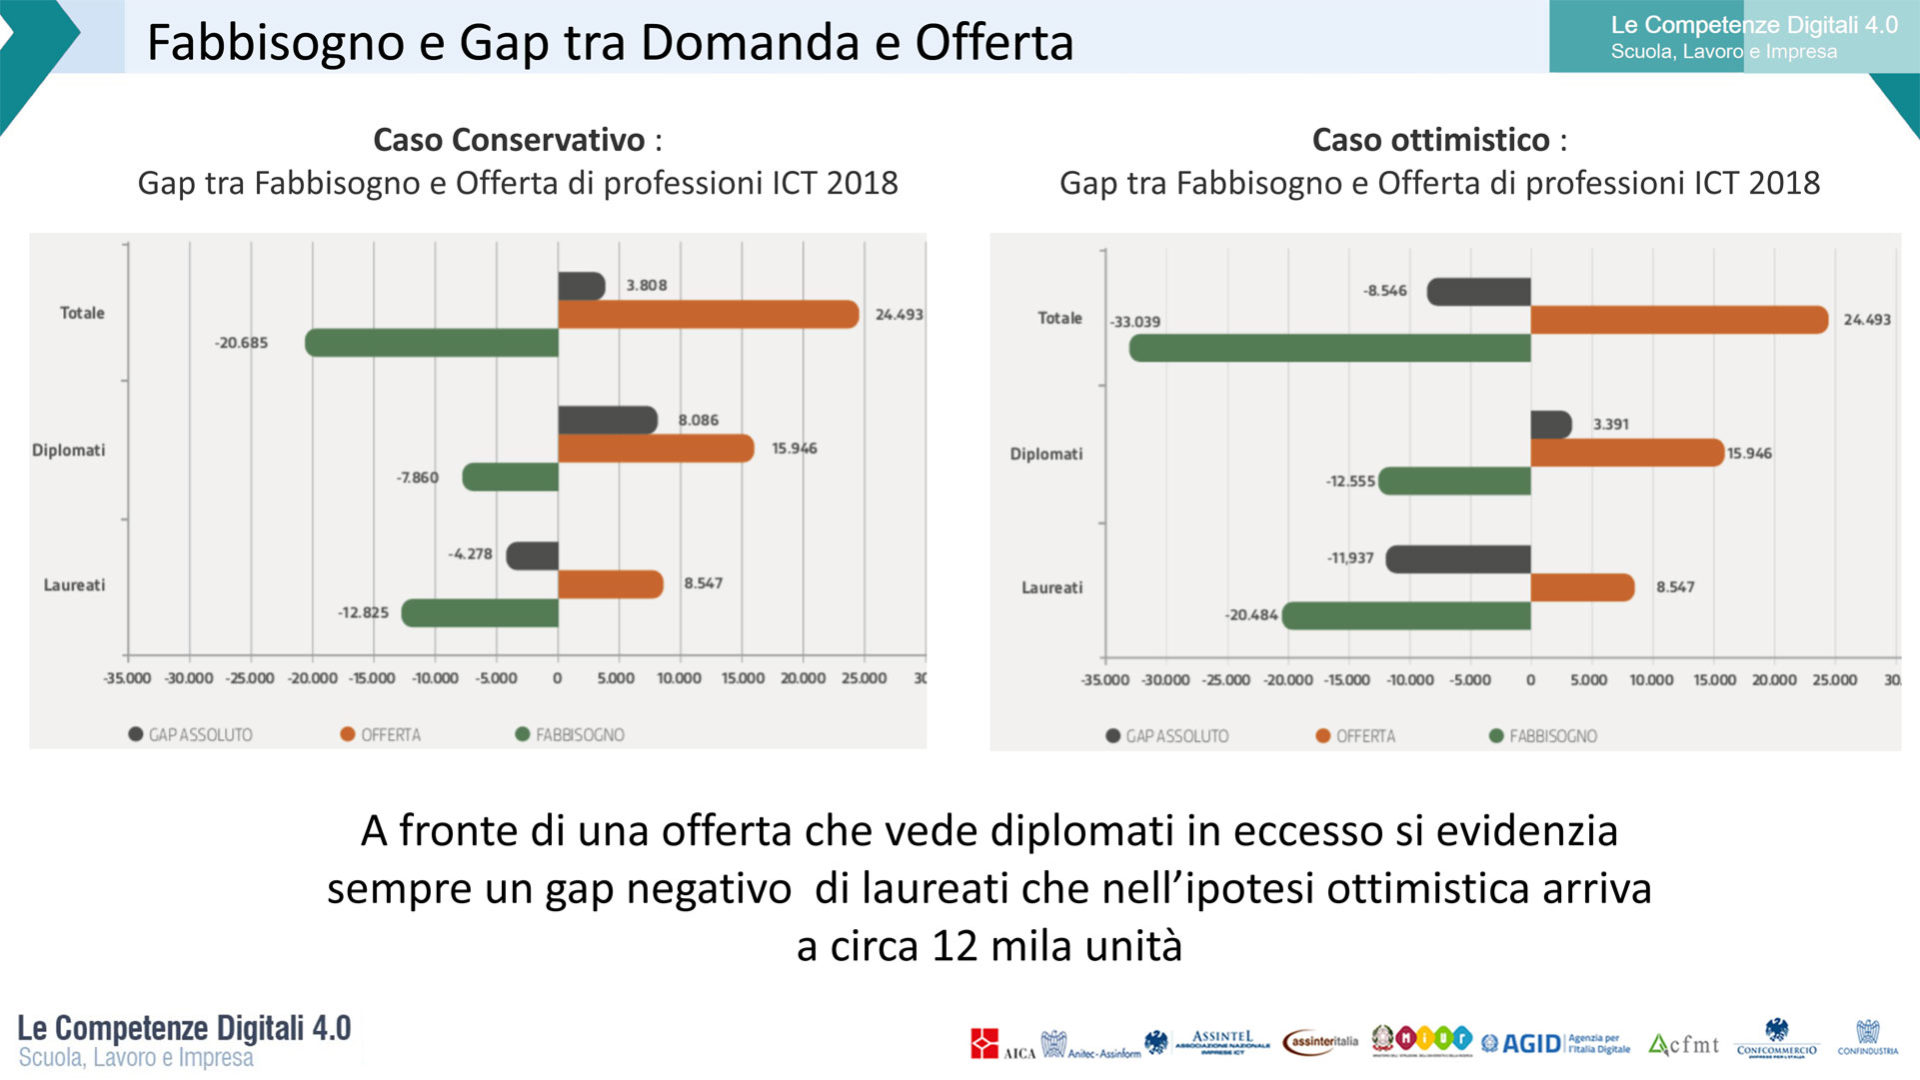 Grafico che rappresenta Il gap tra domanda e offerta di professioni ICT